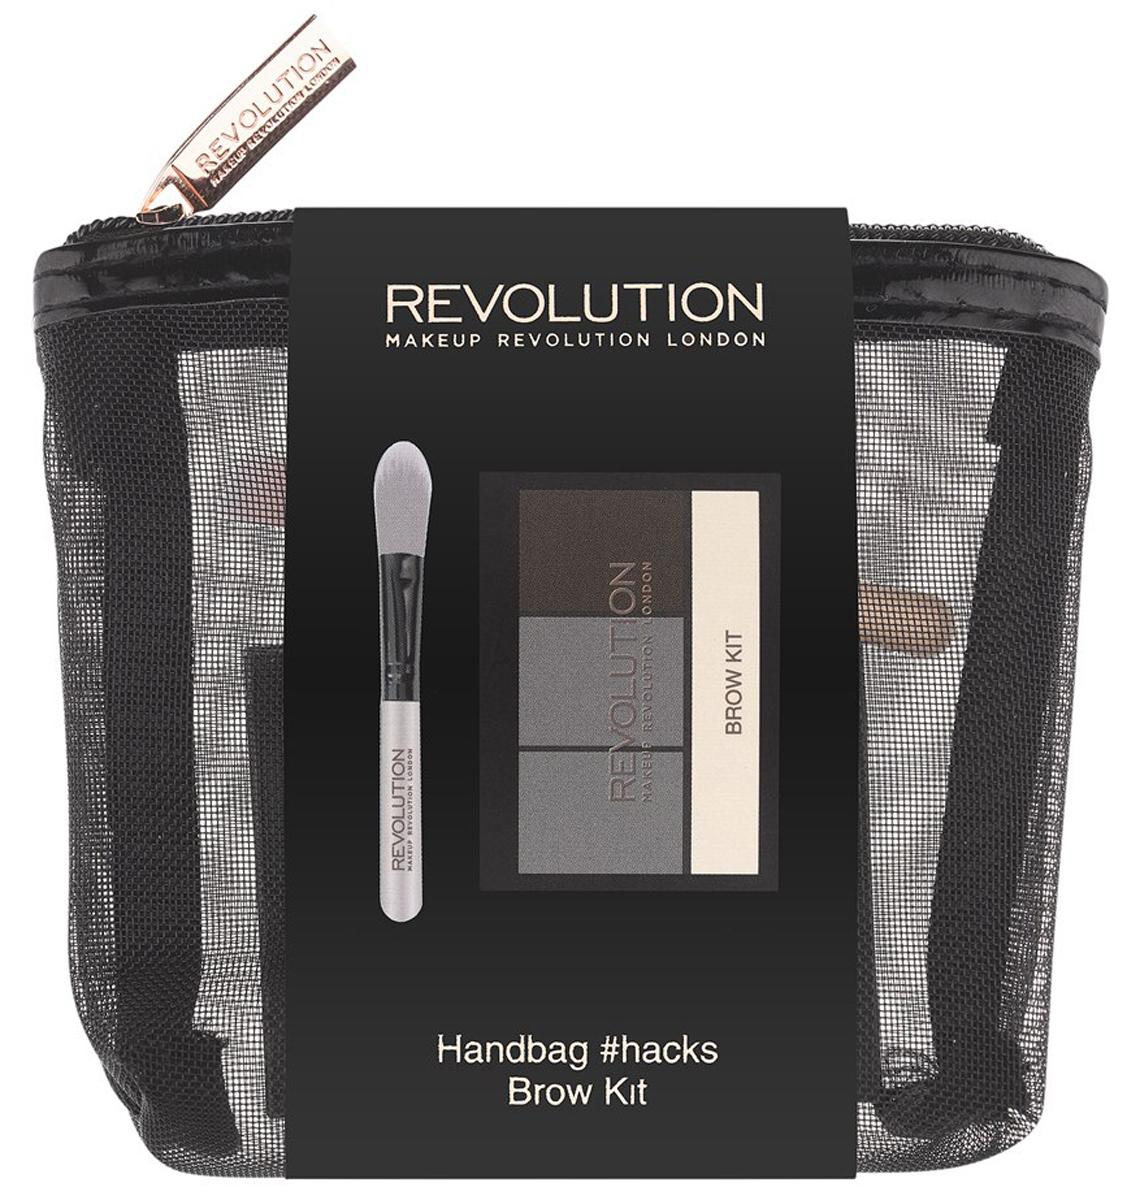 Makeup Revolution Набор для макияжа Handbag #hacks Brow Kit20219WOW-брови с набором Handbag #Hacks Brow Kit - это легко! Палетка Brow Kit с 2 оттенками теней для бровей, фиксирующим воском и хайлайтером, а также мини-кисть для их нанесения и растушевки - в стильной компактной косметичке.